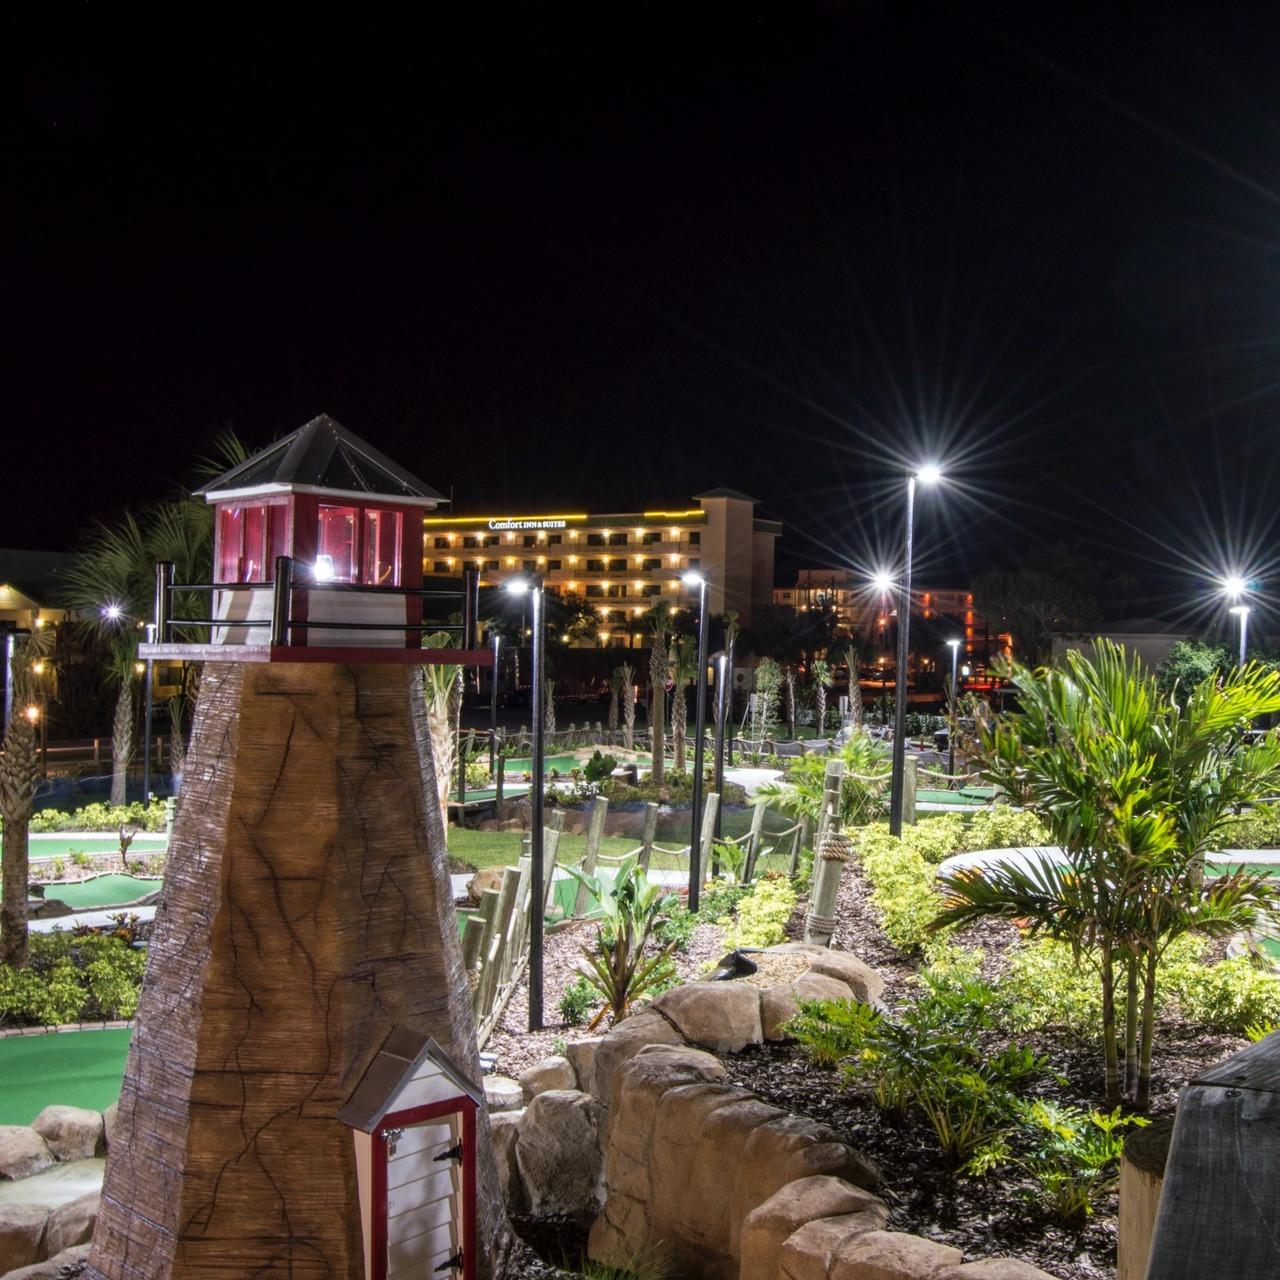 Light Pole Plus: #5090: Mini Golf Course